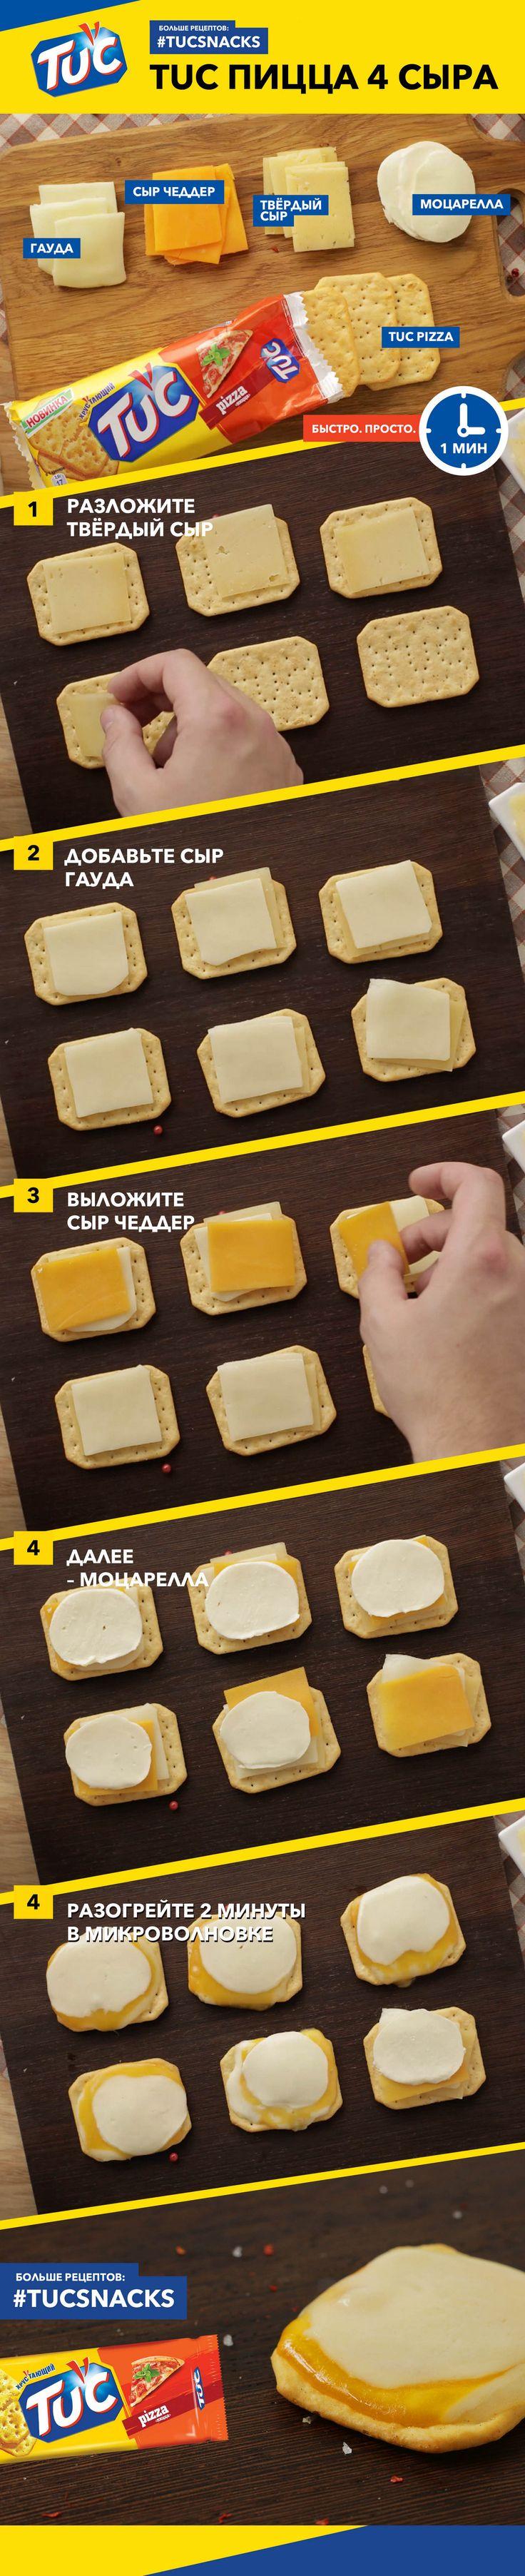 TUC пицца 4 сыра. Больше сыра!! Тебе понадобится весь сыр, который ты найдёшь в супермаркете. Шутим. Только чеддер, гауда, моцарелла и любой твердый сыр. Не забудь крекер - TUC Pizza.  Рецепт прост до невозможности: кусочки сыра выложи в любом  порядке на крекере и подогрей в микроволновой печи в течении 1.5-2 минут. Лучше проверь :)  #tucsnacks #tuc